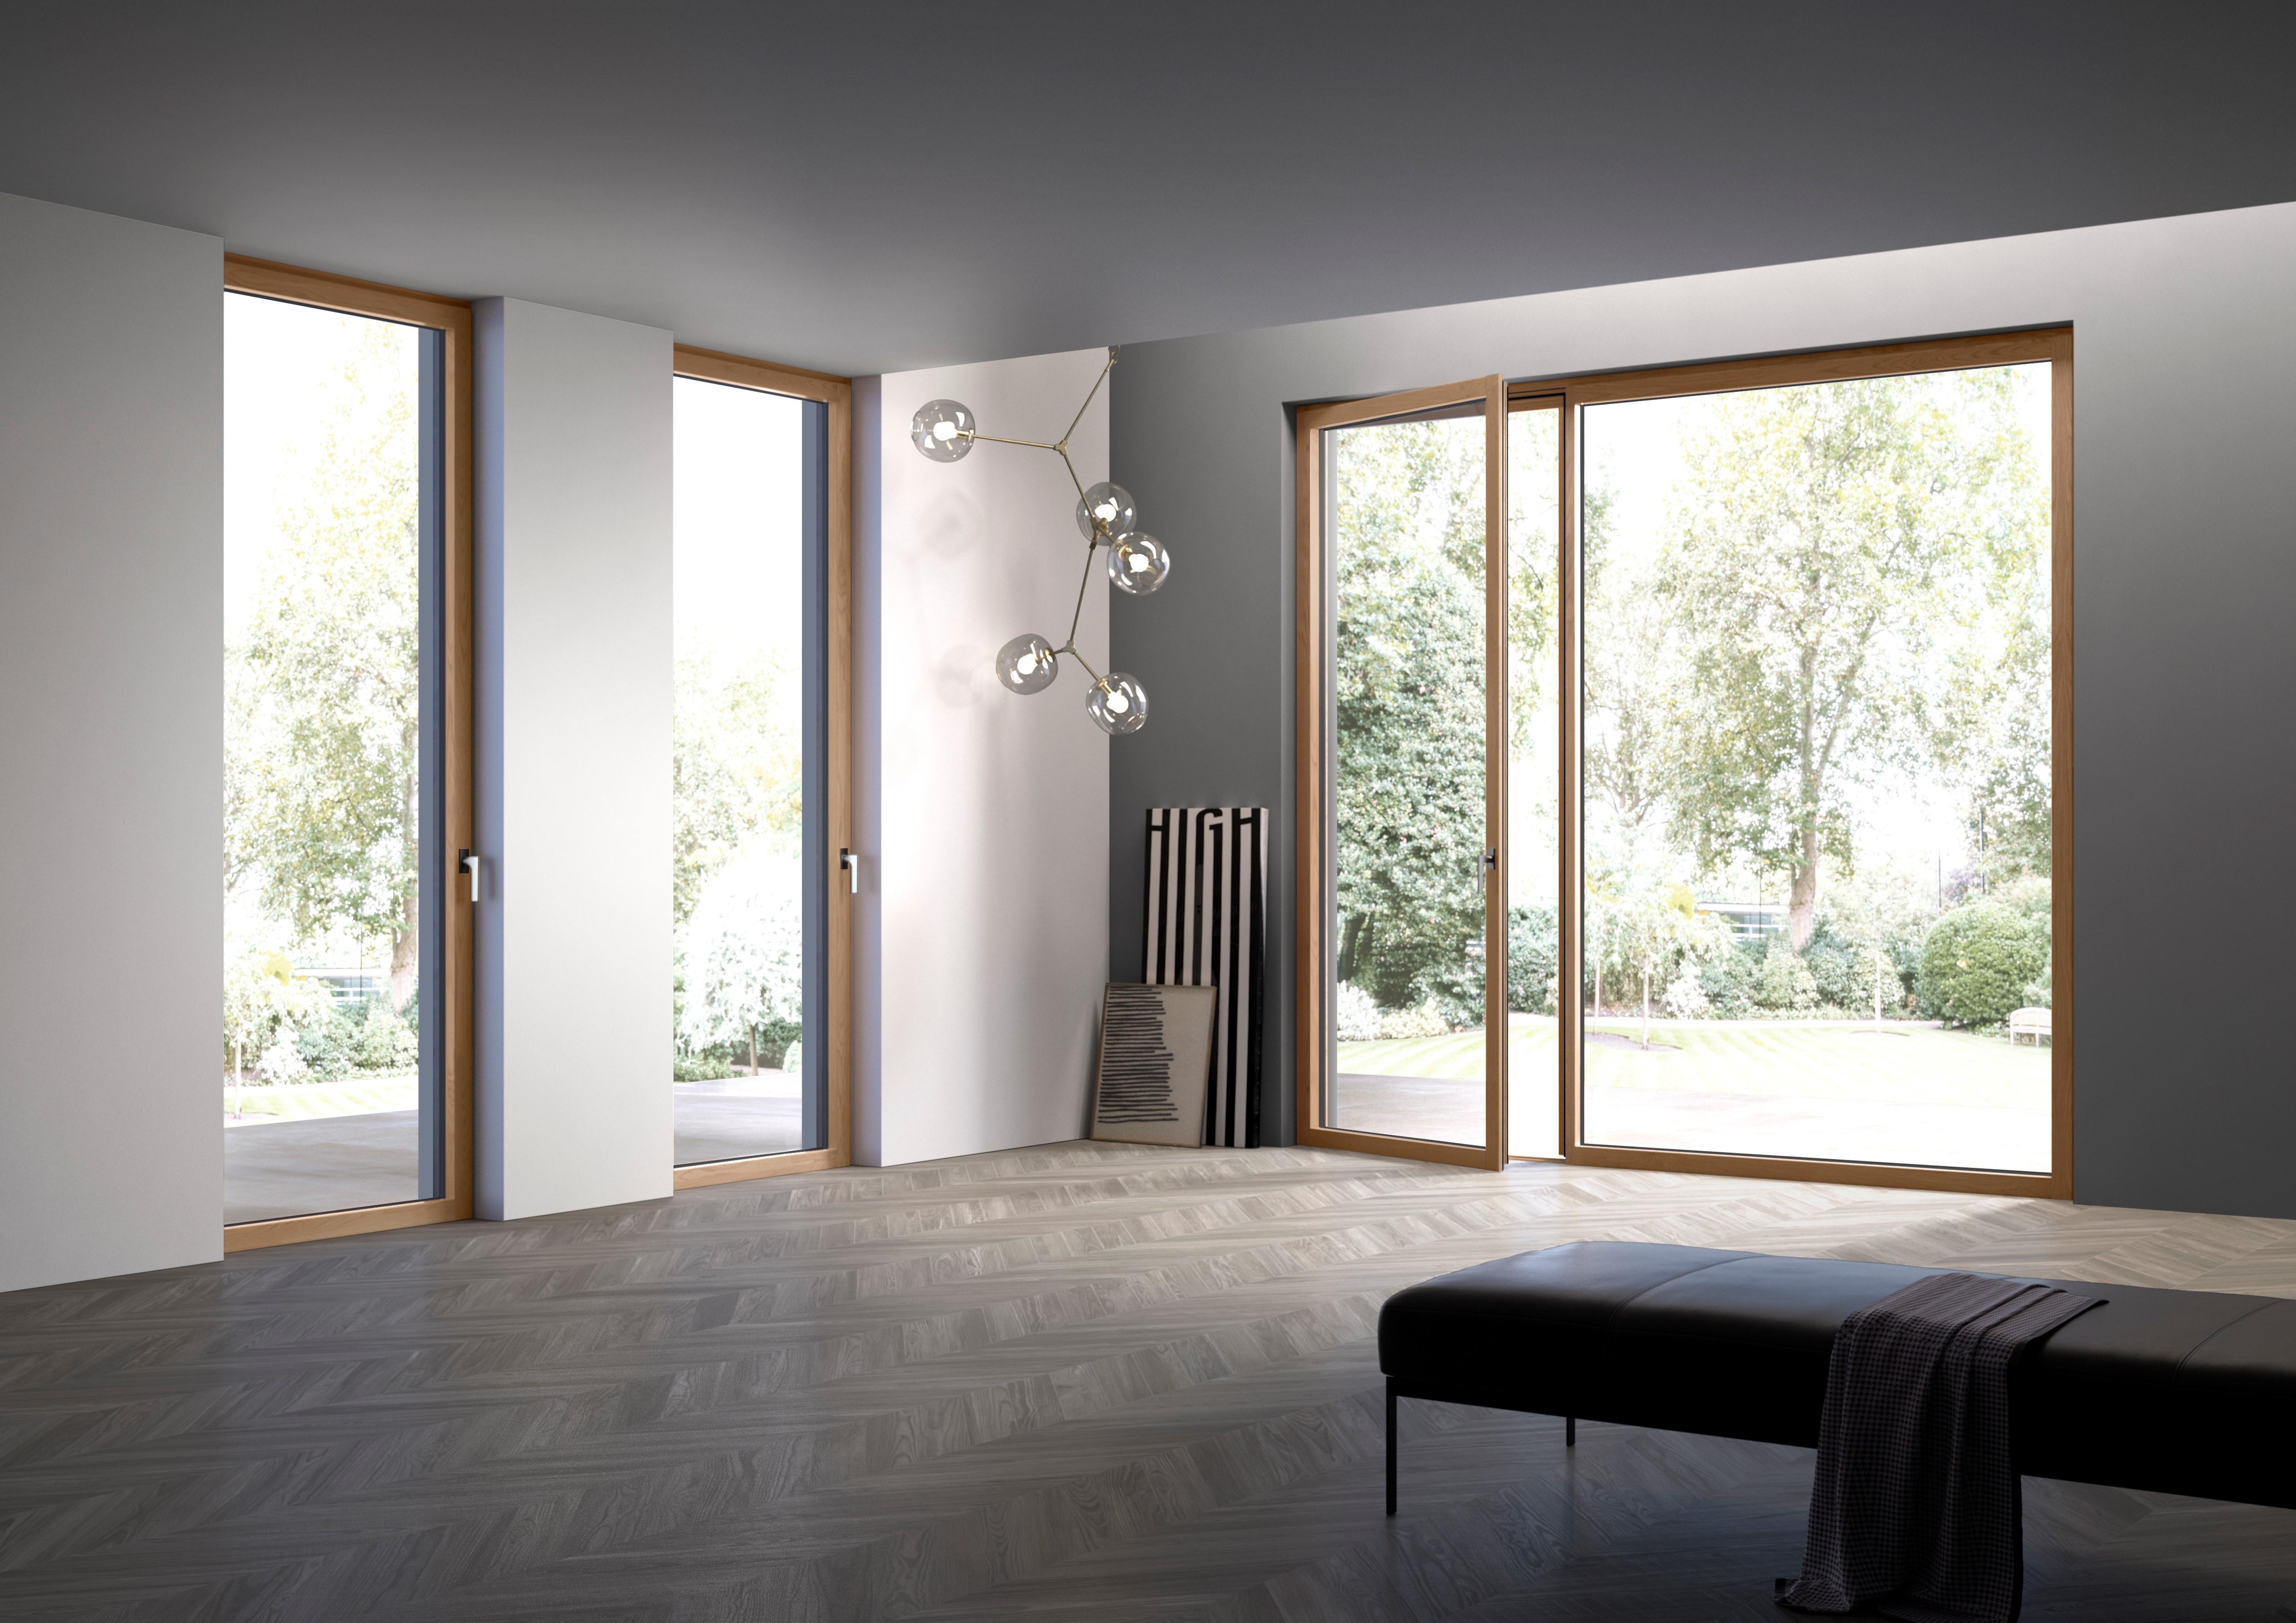 Nuove finestre hidden meno ingombro pi luce e design ad alto risparmio energetico - De carlo finestre ...